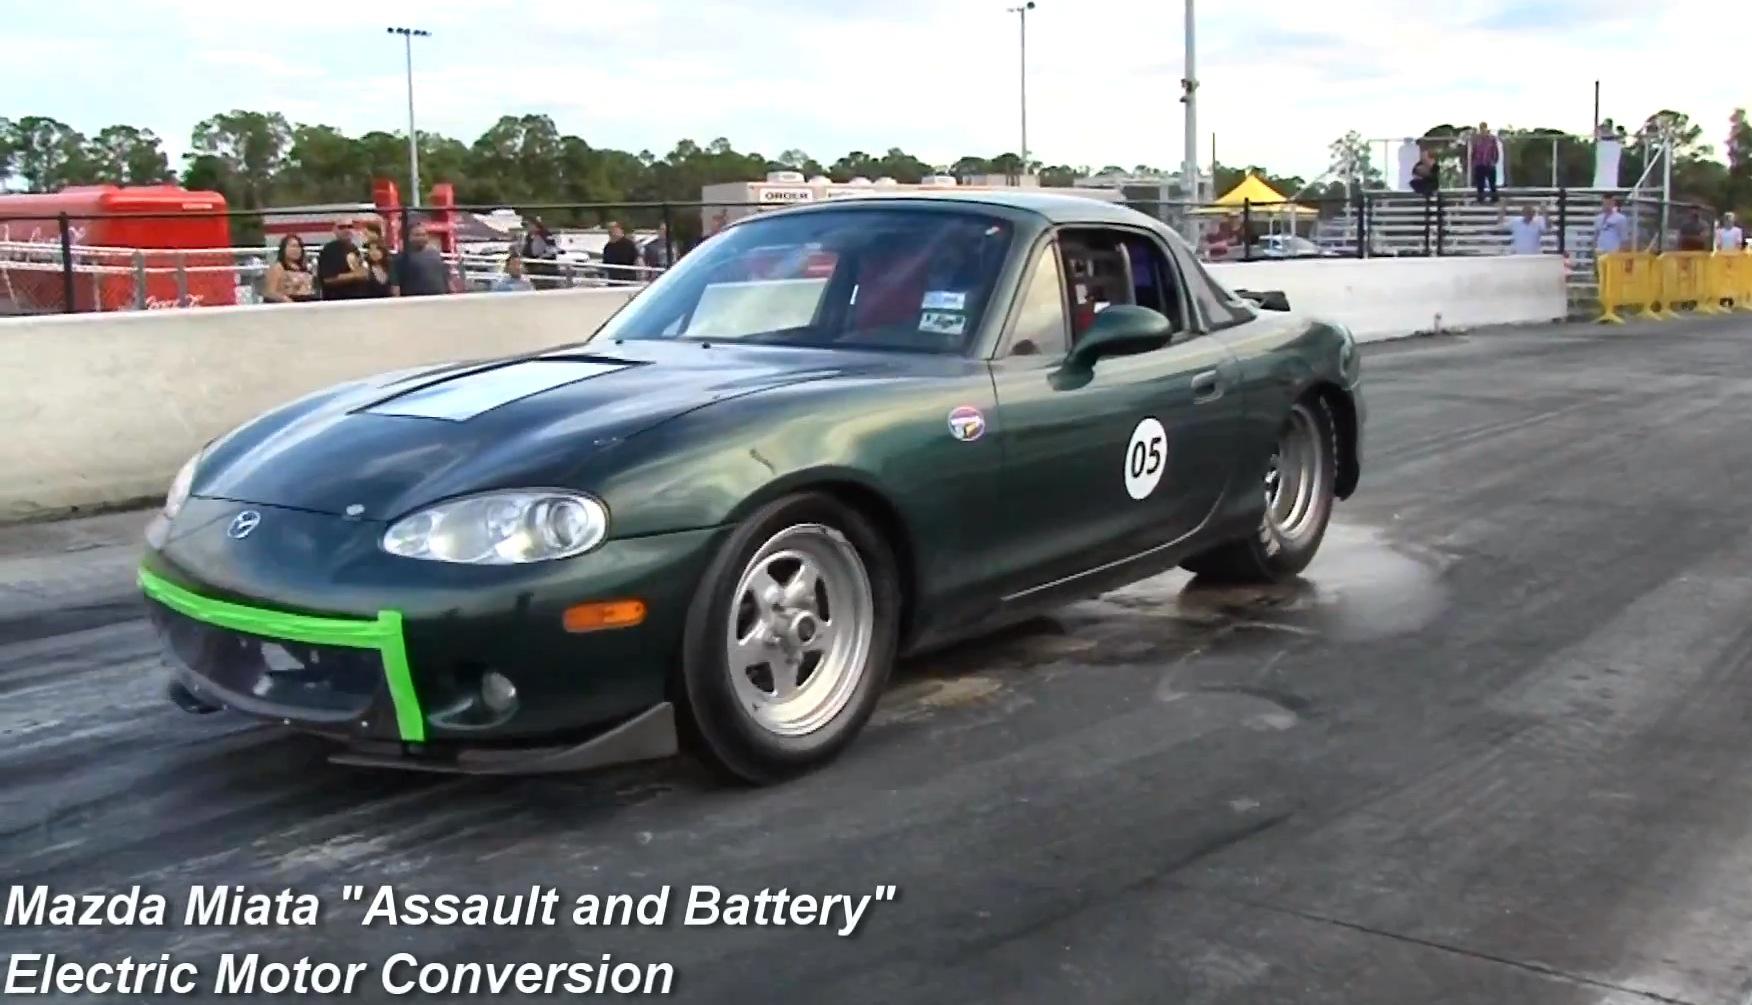 Mazda Car Battery Life